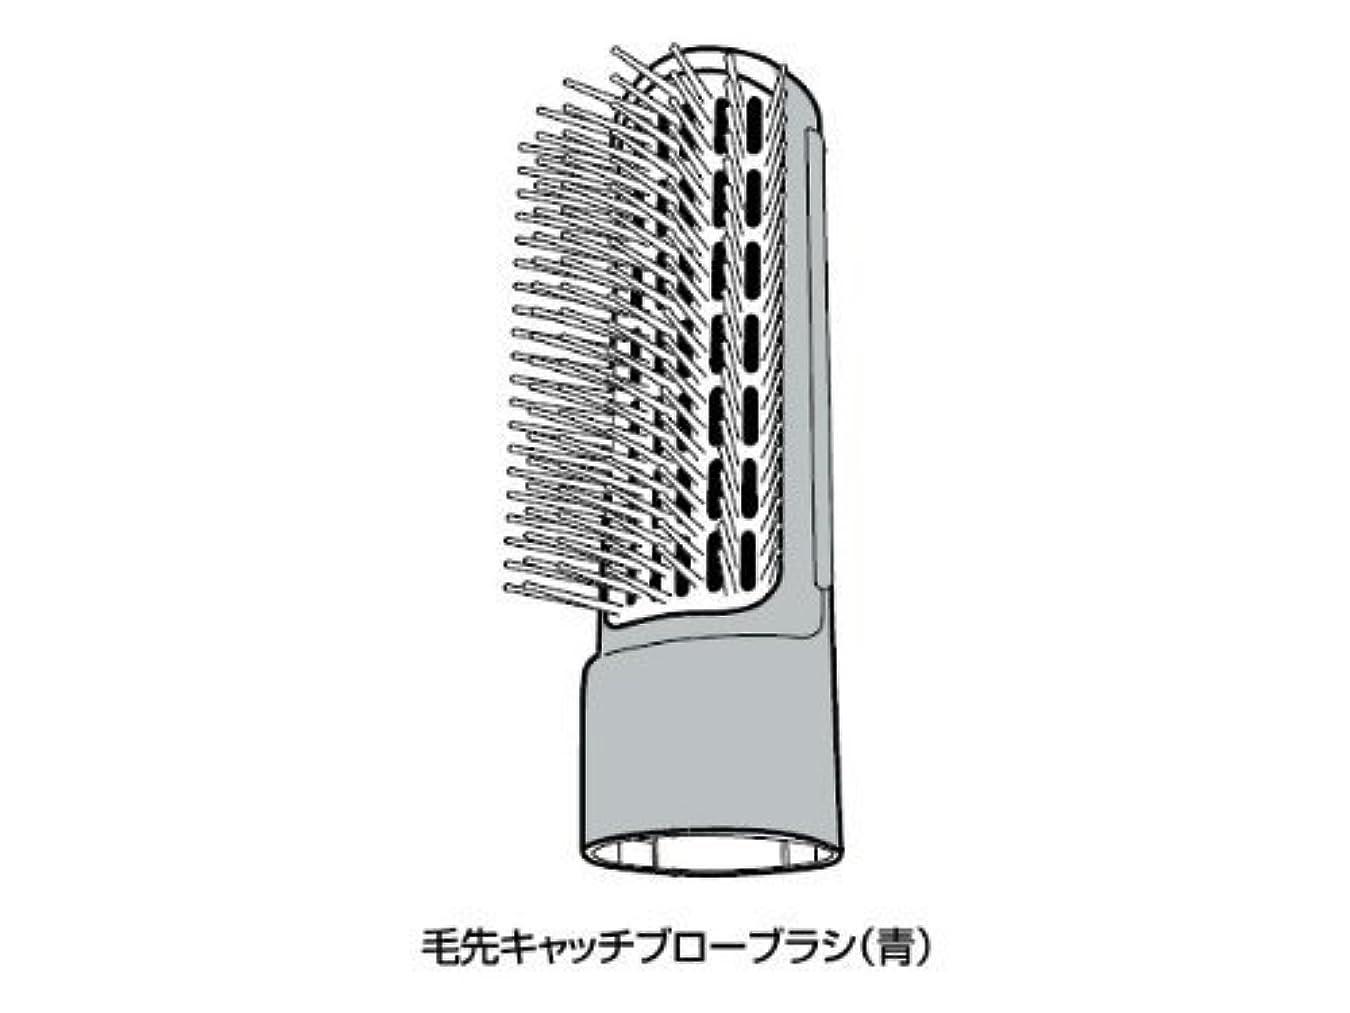 ロッカー放散する出撃者Panasonic 毛先キャッチブローブラシ(青) EHKA10AH7617